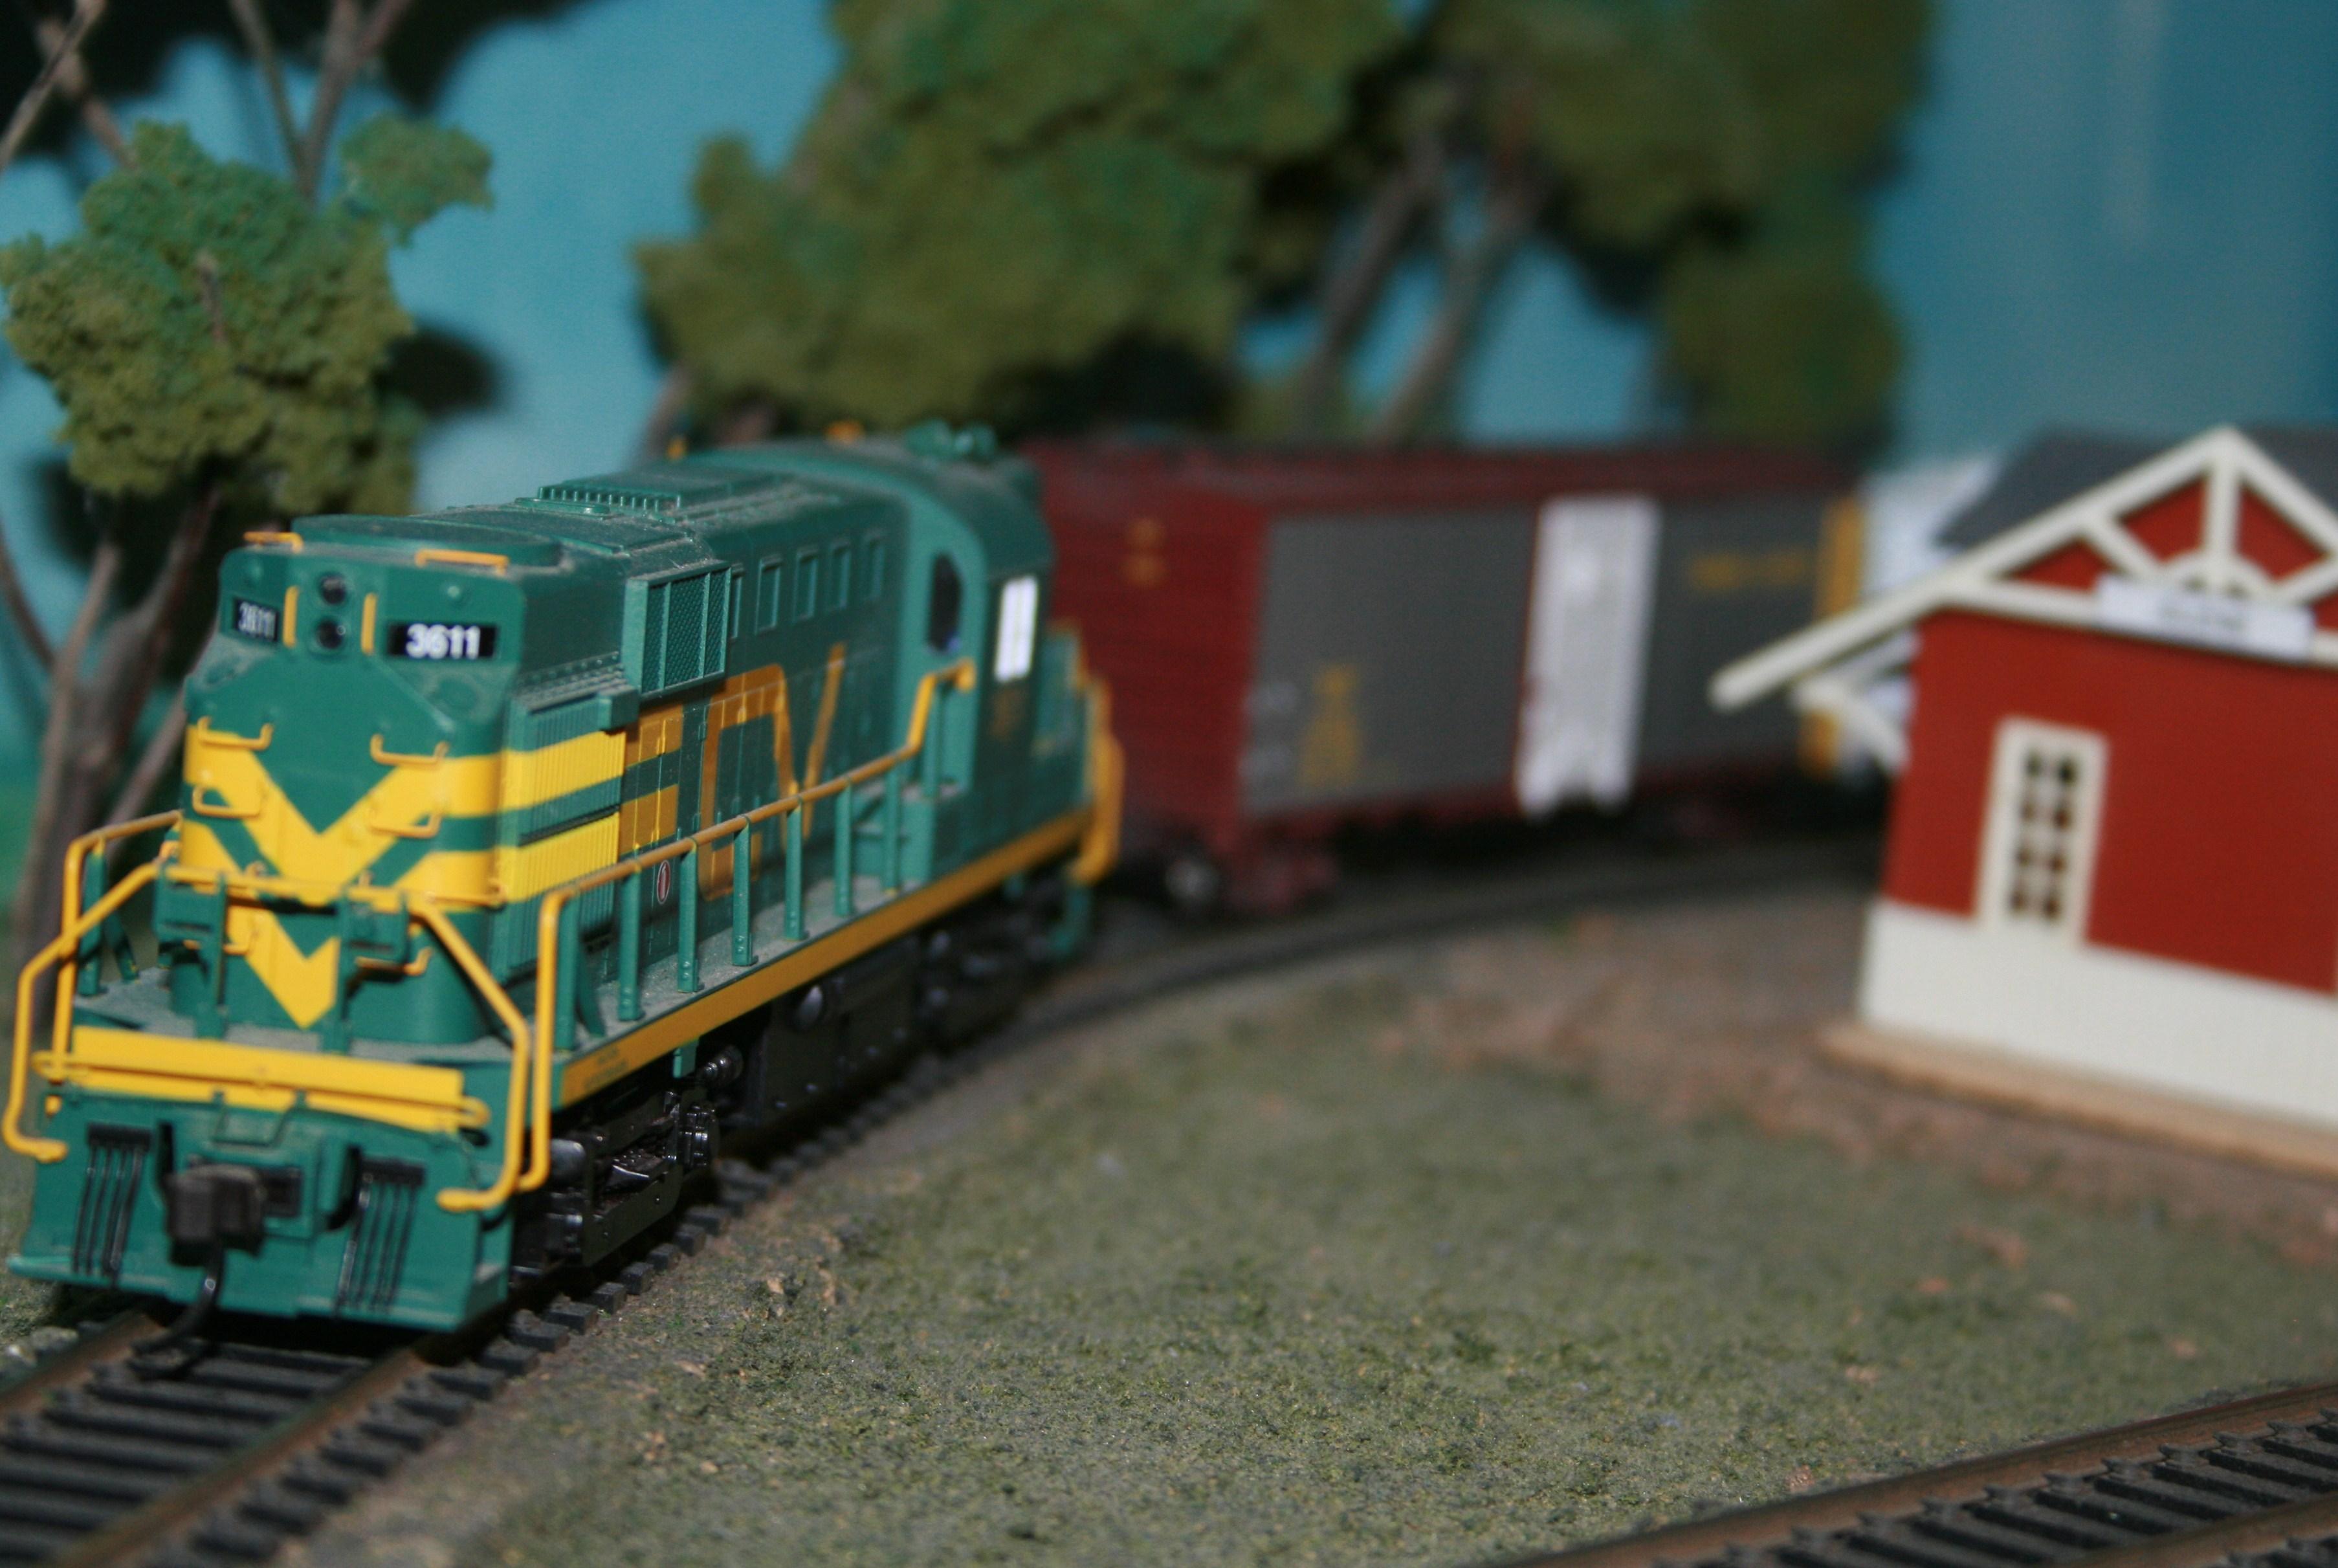 Train aminiature